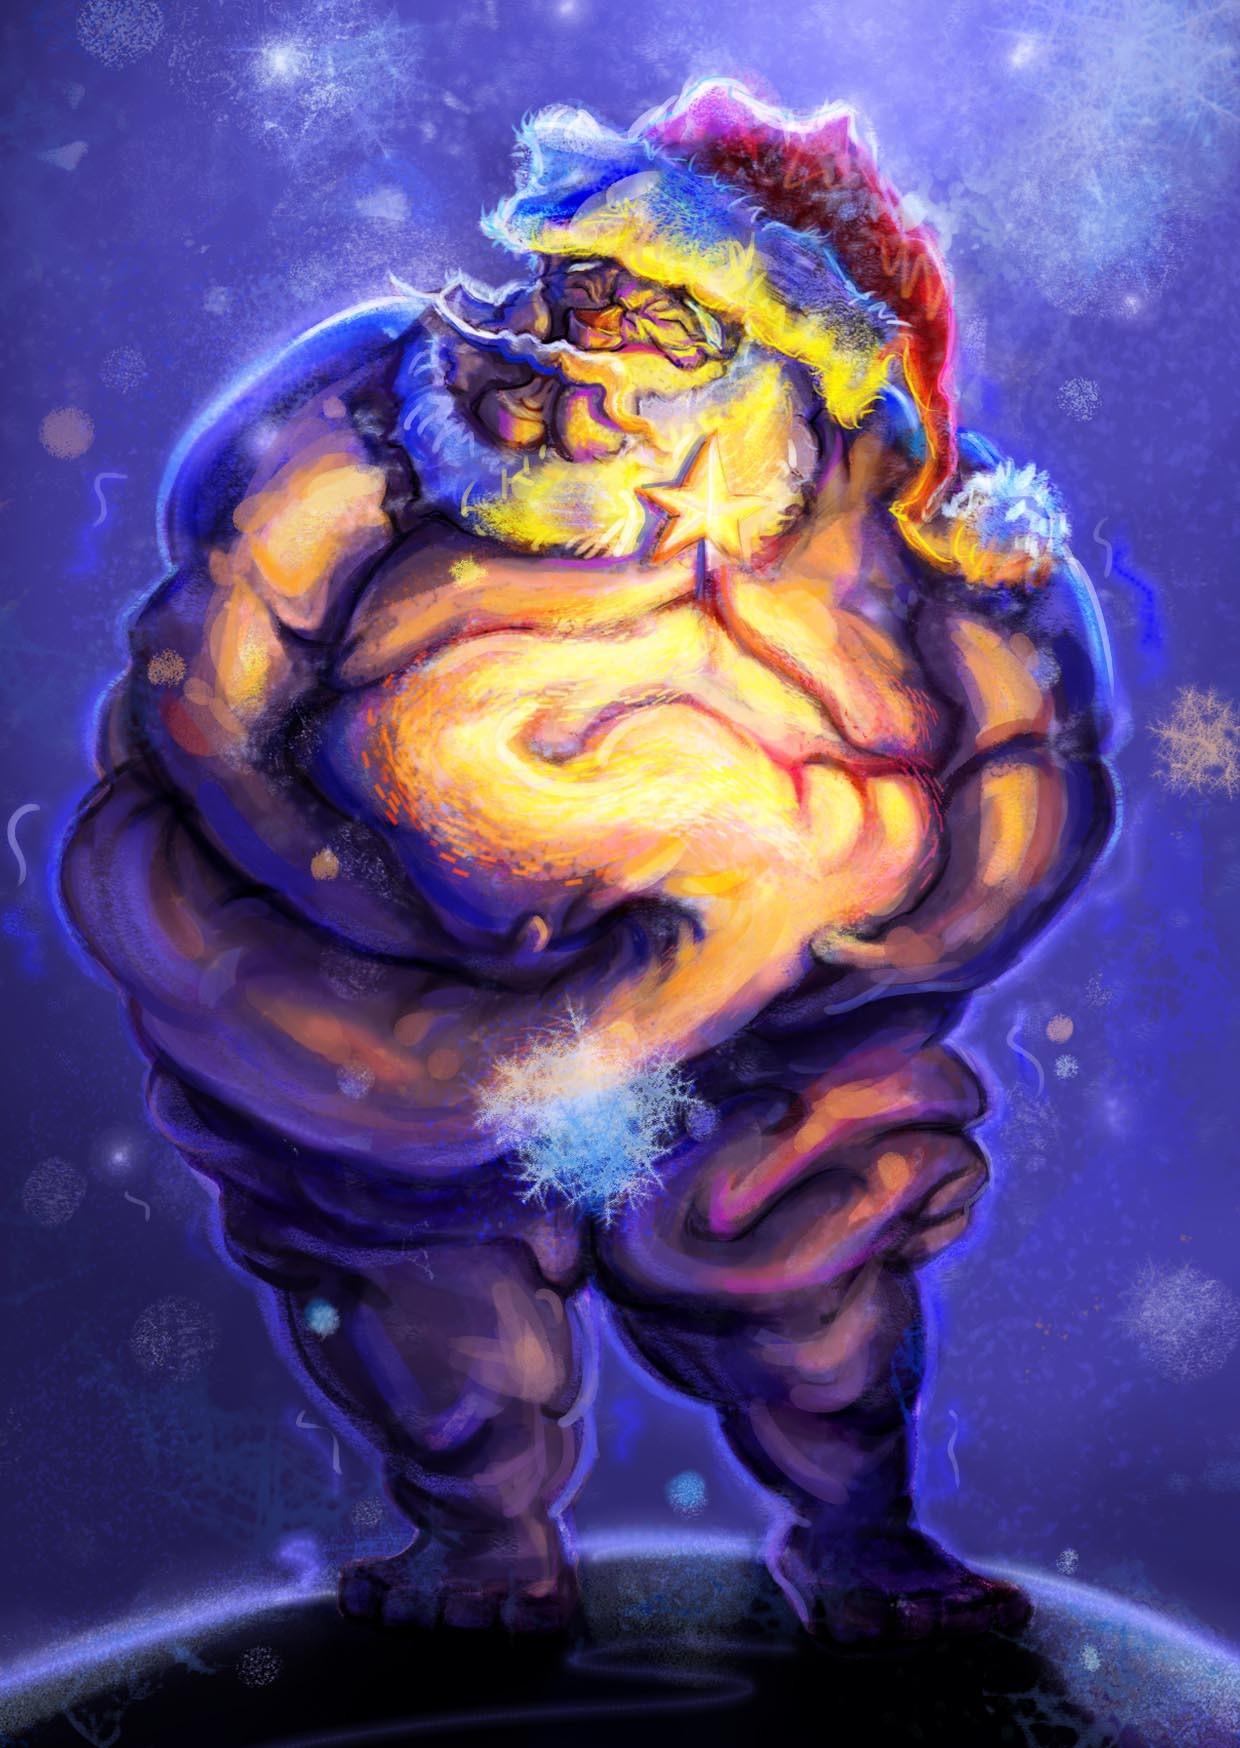 Bighead pei christmas